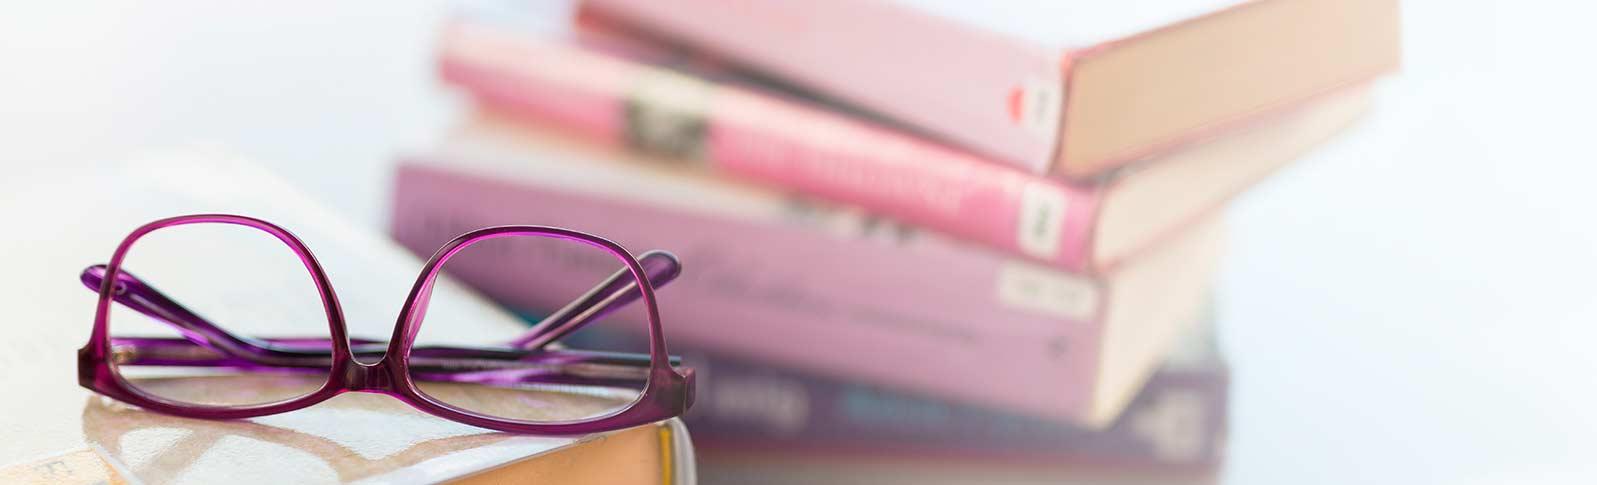 7f36d6141429 Lesebriller - Rimelige briller til å lese med